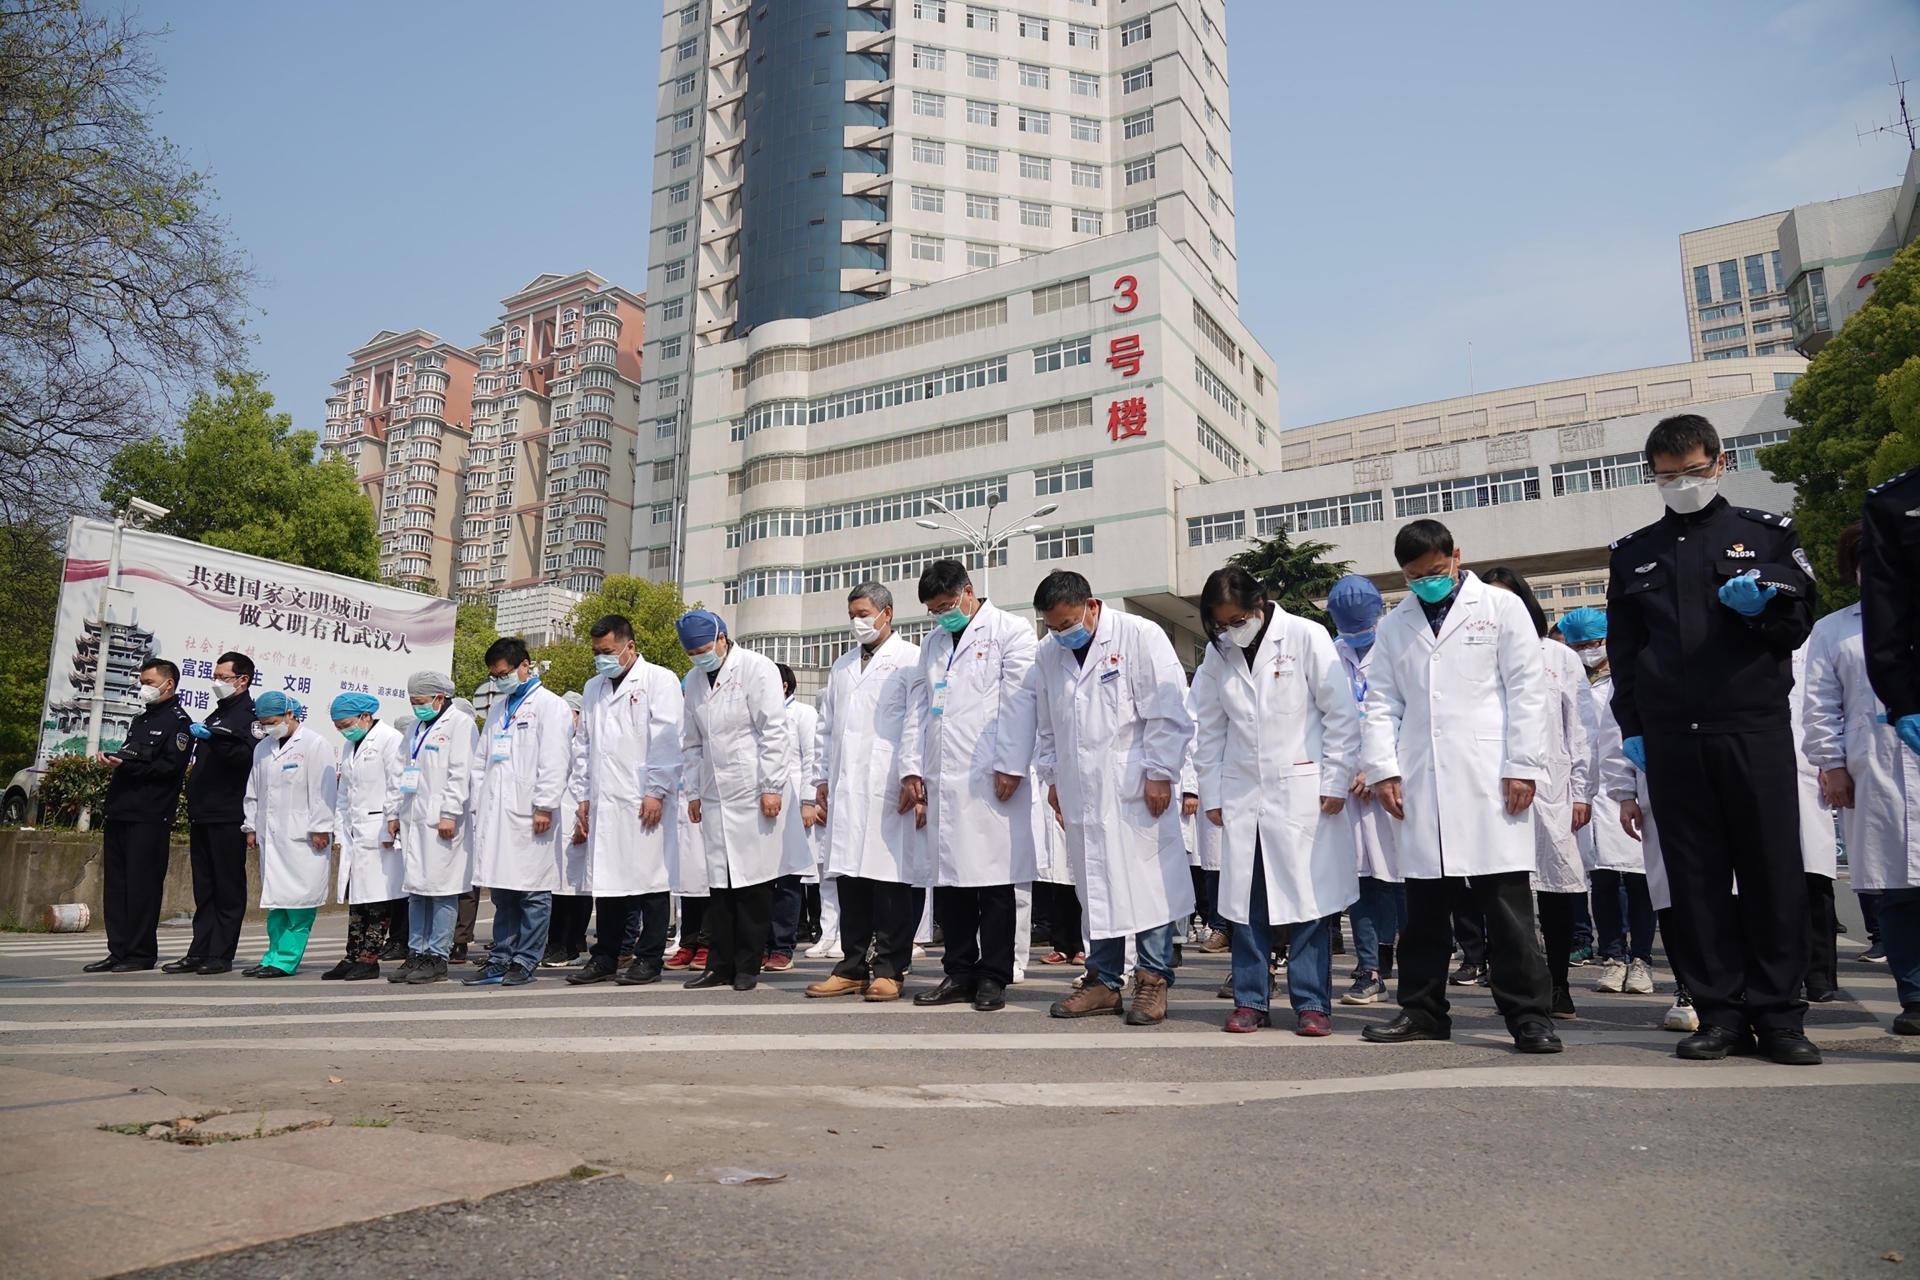 A Wuhan, des membres du personnel soignant de l'hôpital Tongji, en première ligne contre le Covid-19, se tenaient tête baissée devant le bâtiment principal.